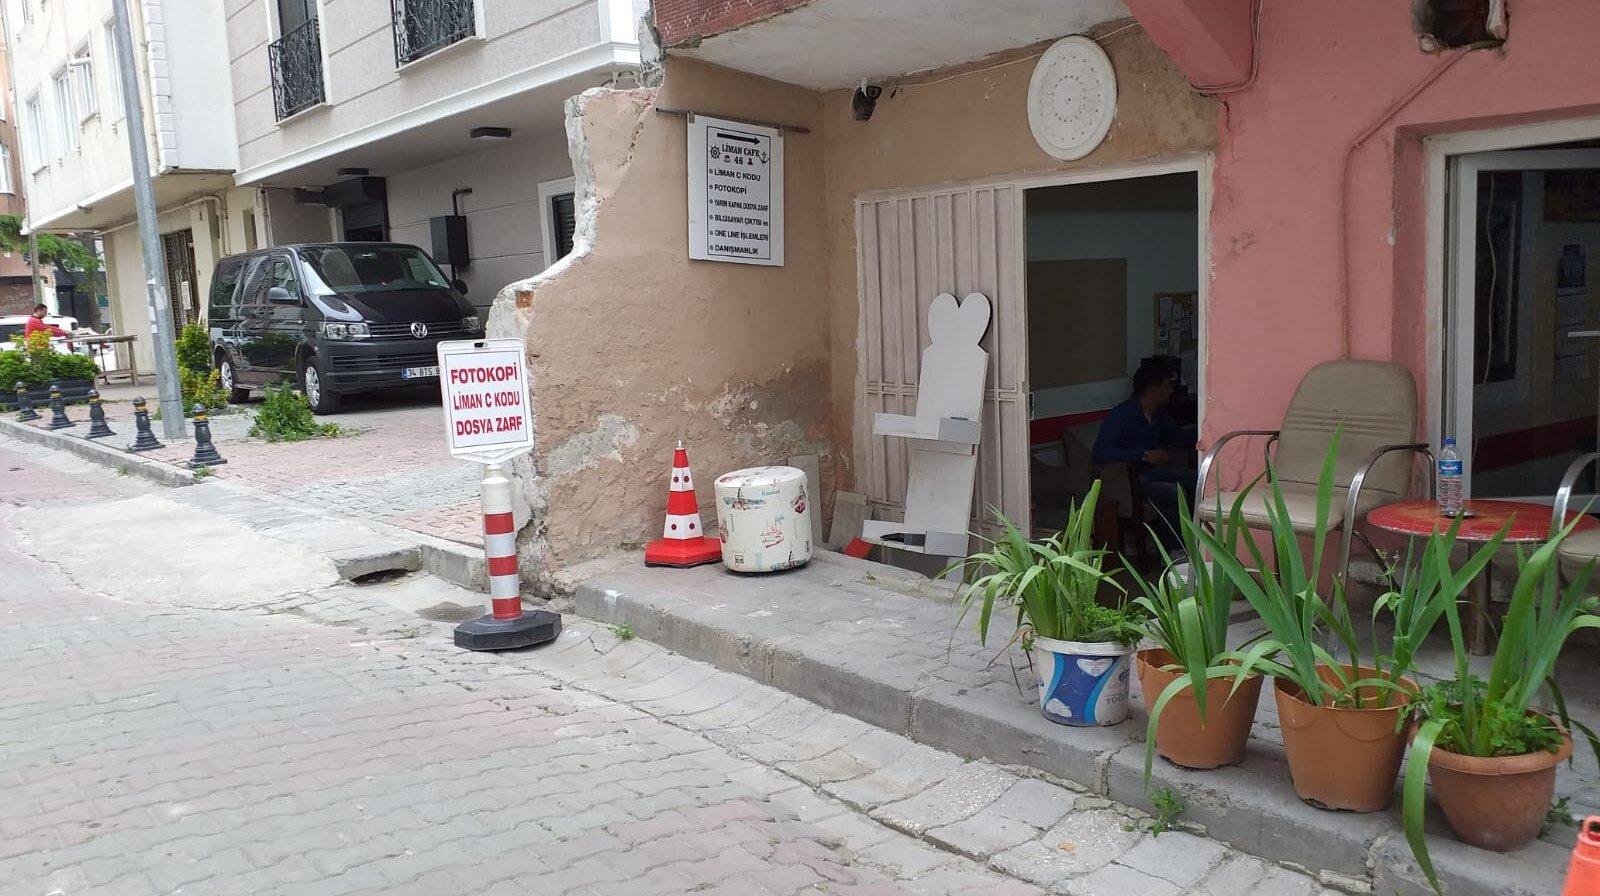 mevzuatlar - Sefaköy Gemiadamları Merkezi Fotokopi C kodu İşlemleri - Liman Başkanlığı Başvuru Belgeleri 2019